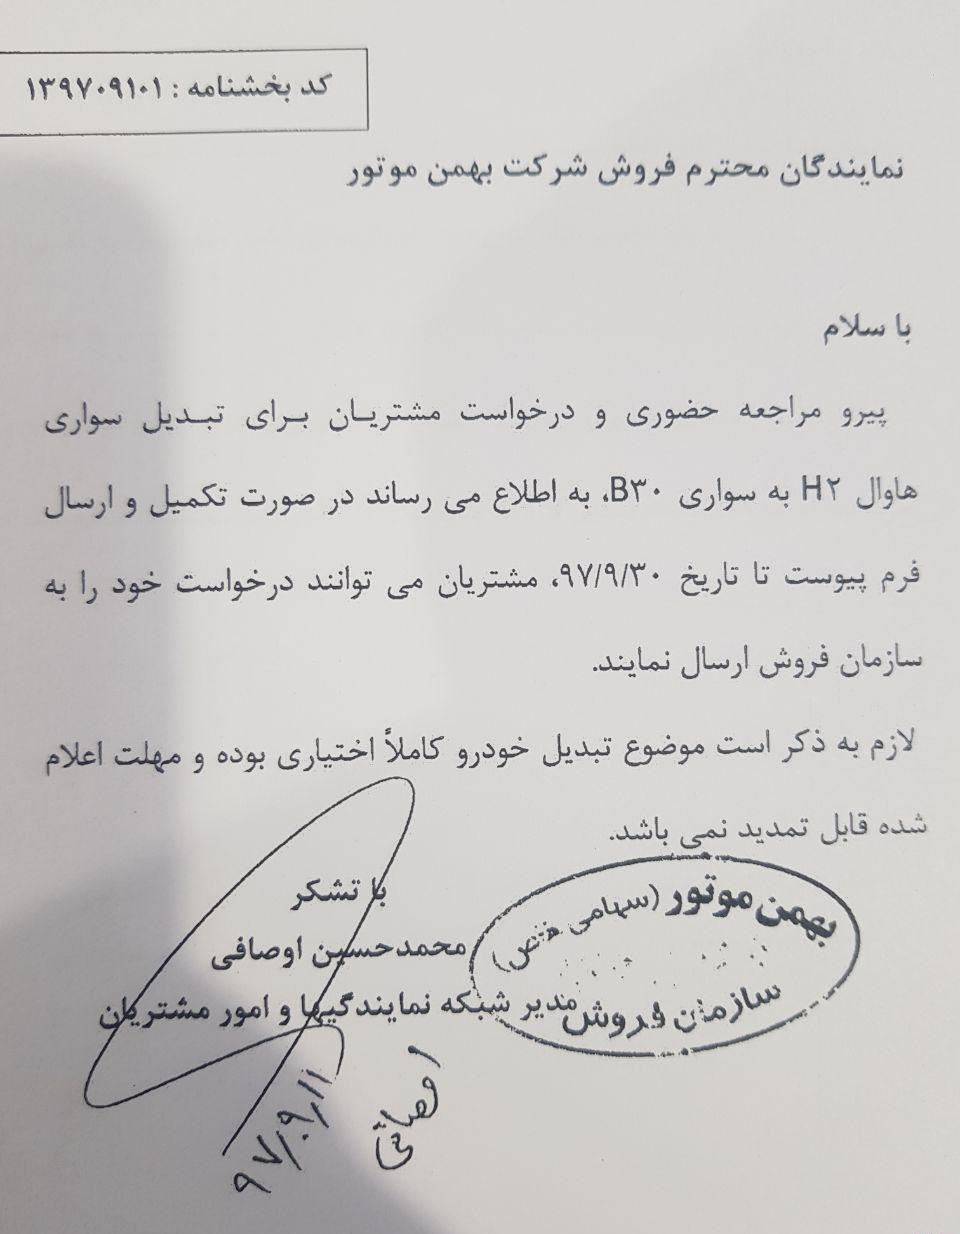 آغاز طرح اختیاری جایگزینی هاوال اچ2 با بسترن بی30 توسط گروه بهمن + بخشنامه